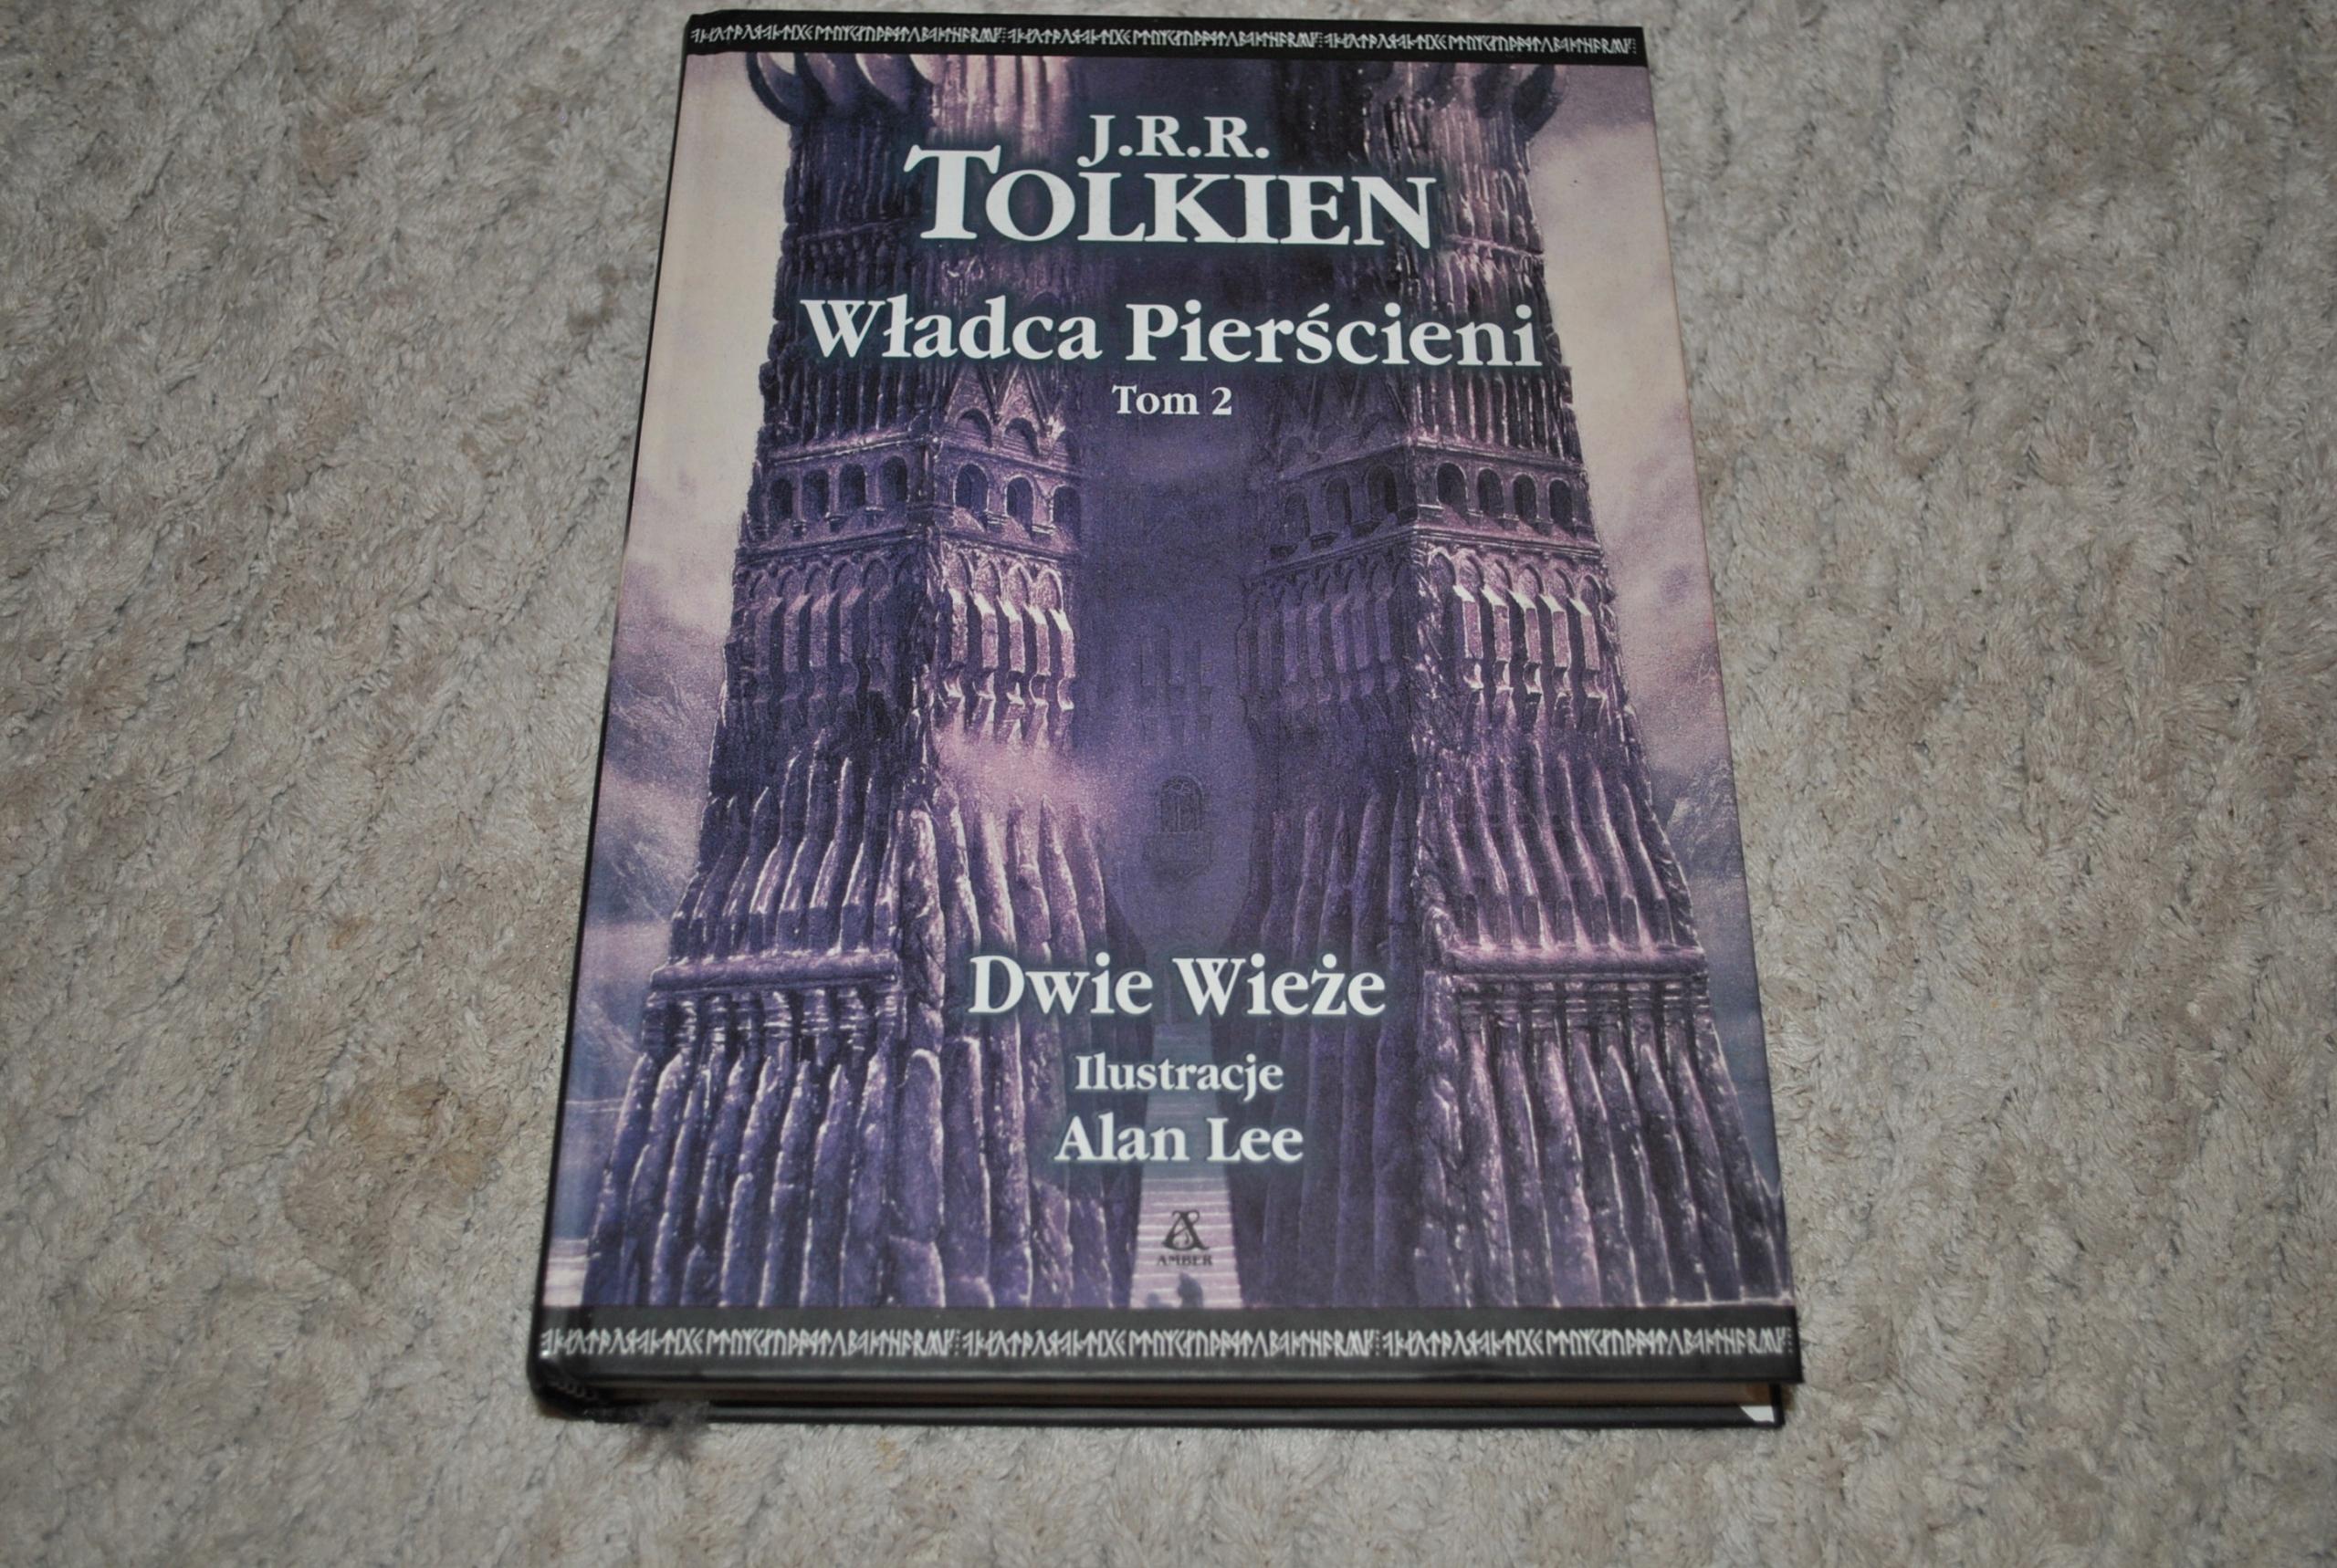 Władca Pierścieni Tom Ii Dwie Wieże Tolkien 7538101918 Oficjalne